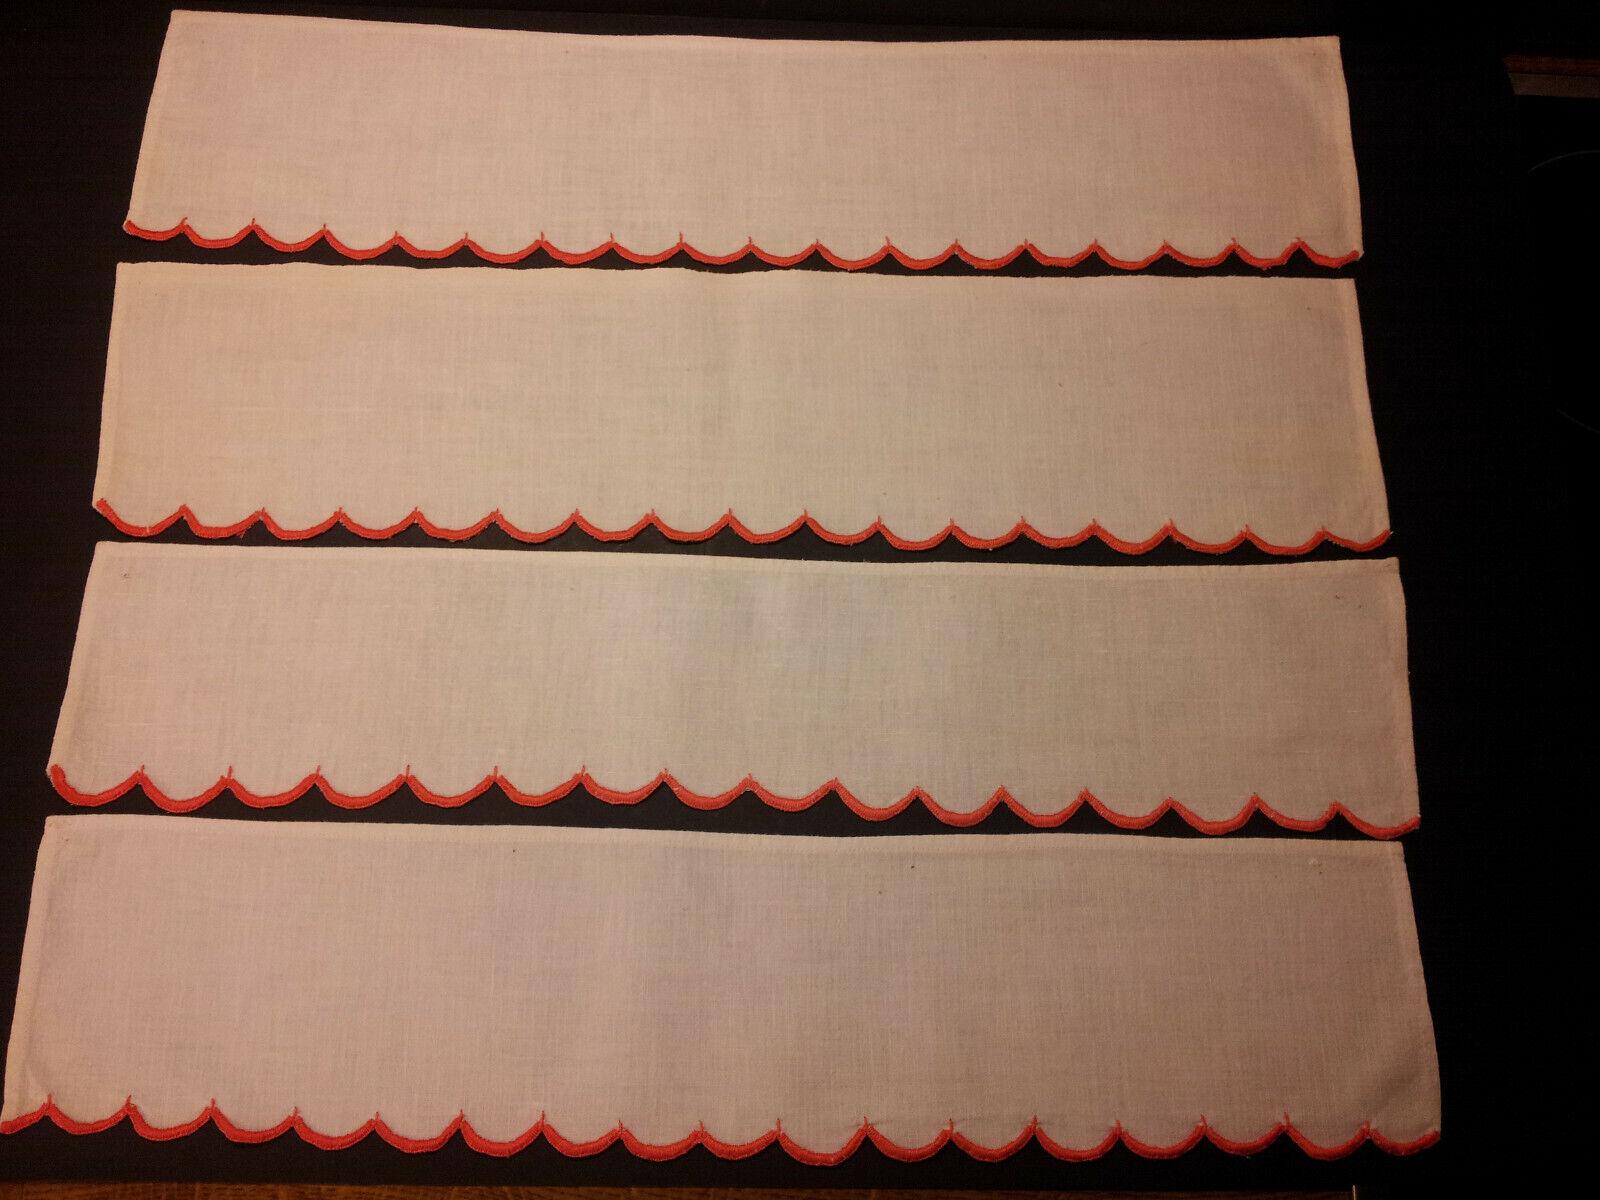 4 SCHRANKBÄNDER Wäschebänder Weiß mit roter Bogenkante